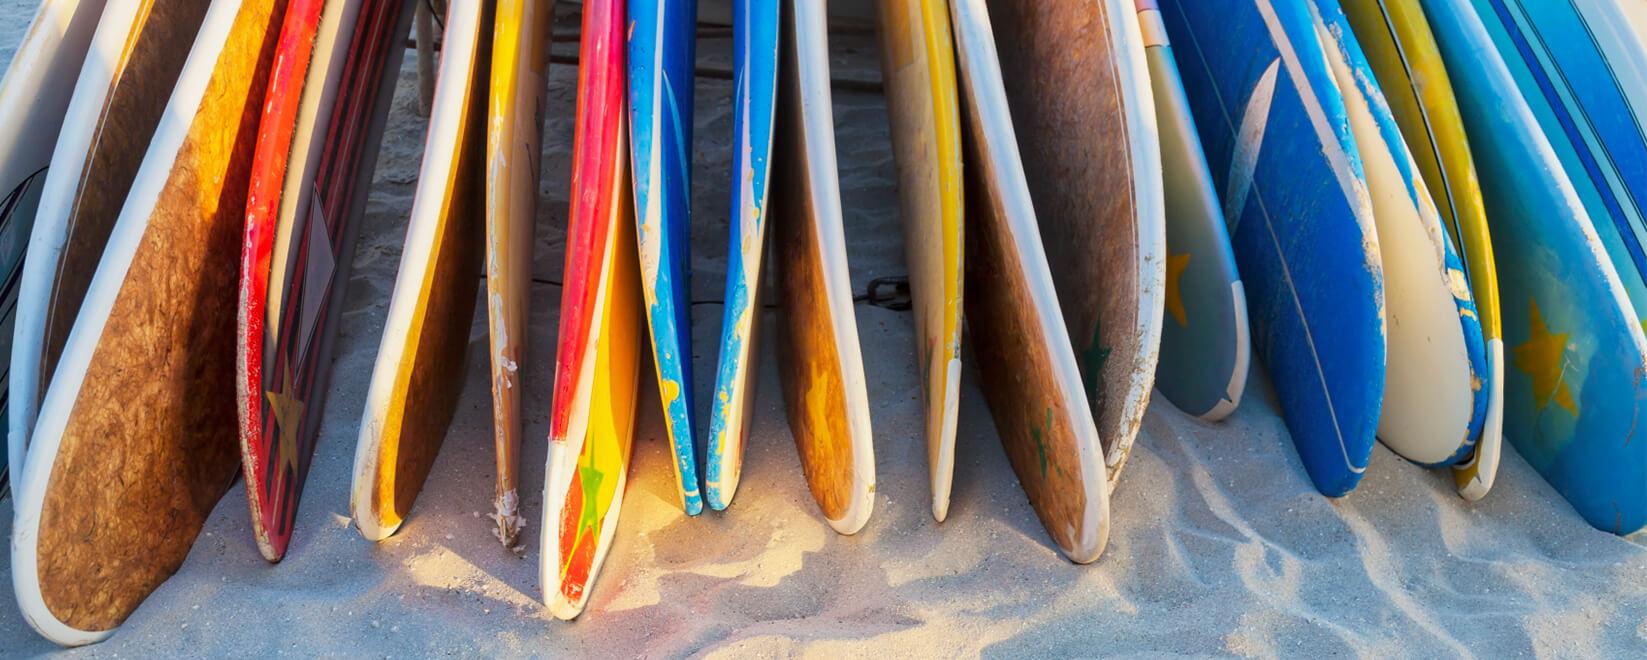 Rockaway Beach, New York, USA